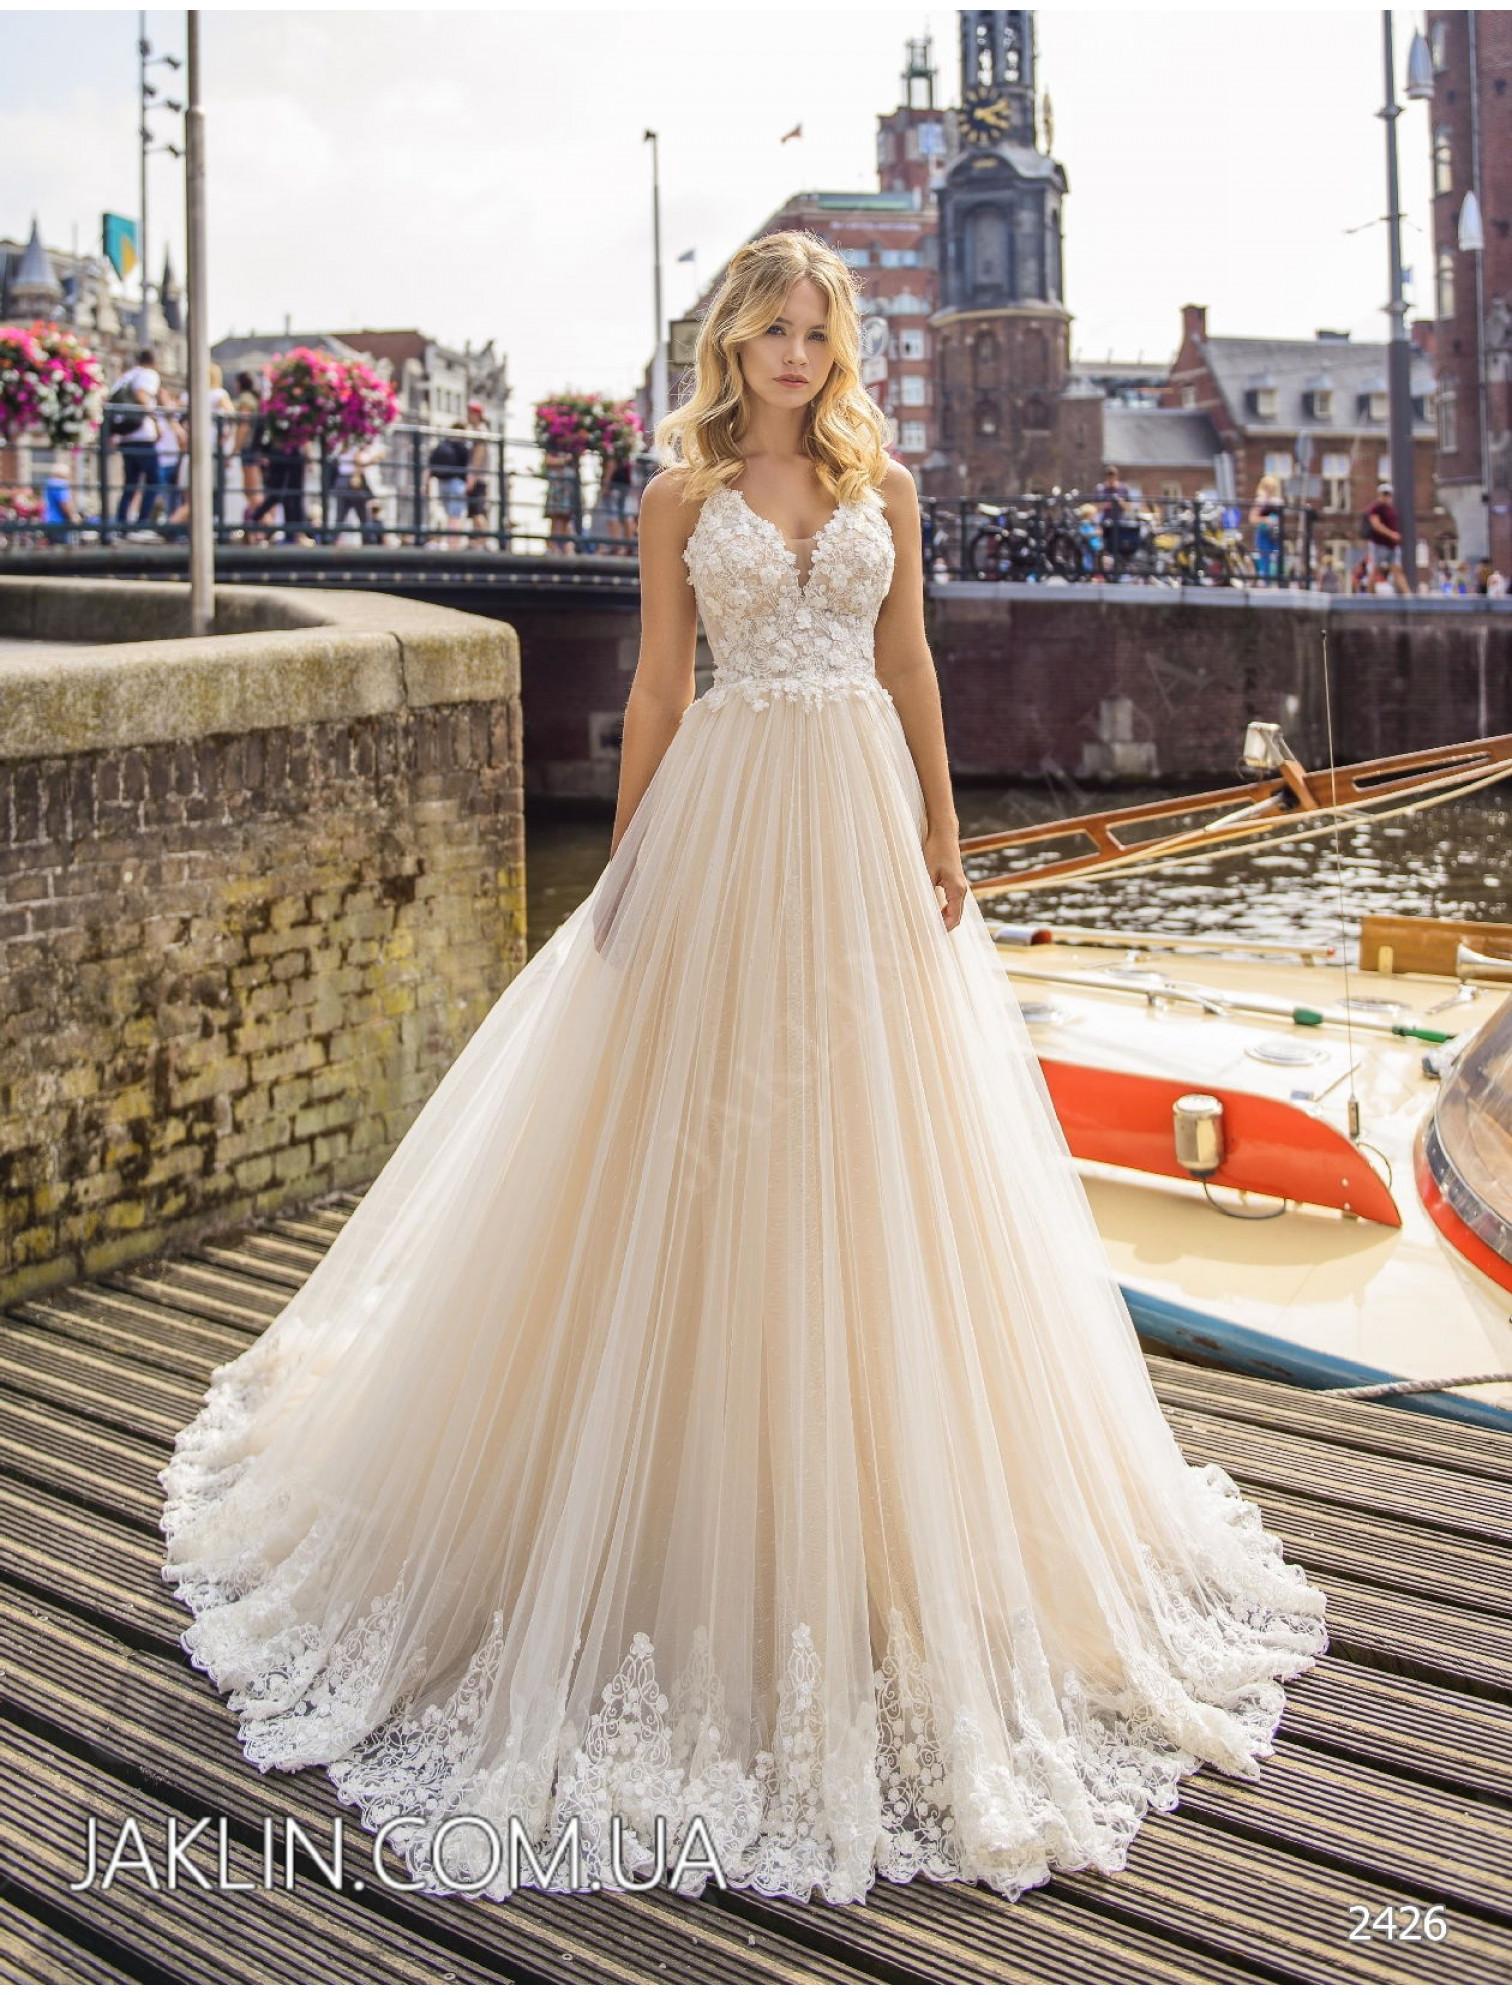 Свадебное платье 2426